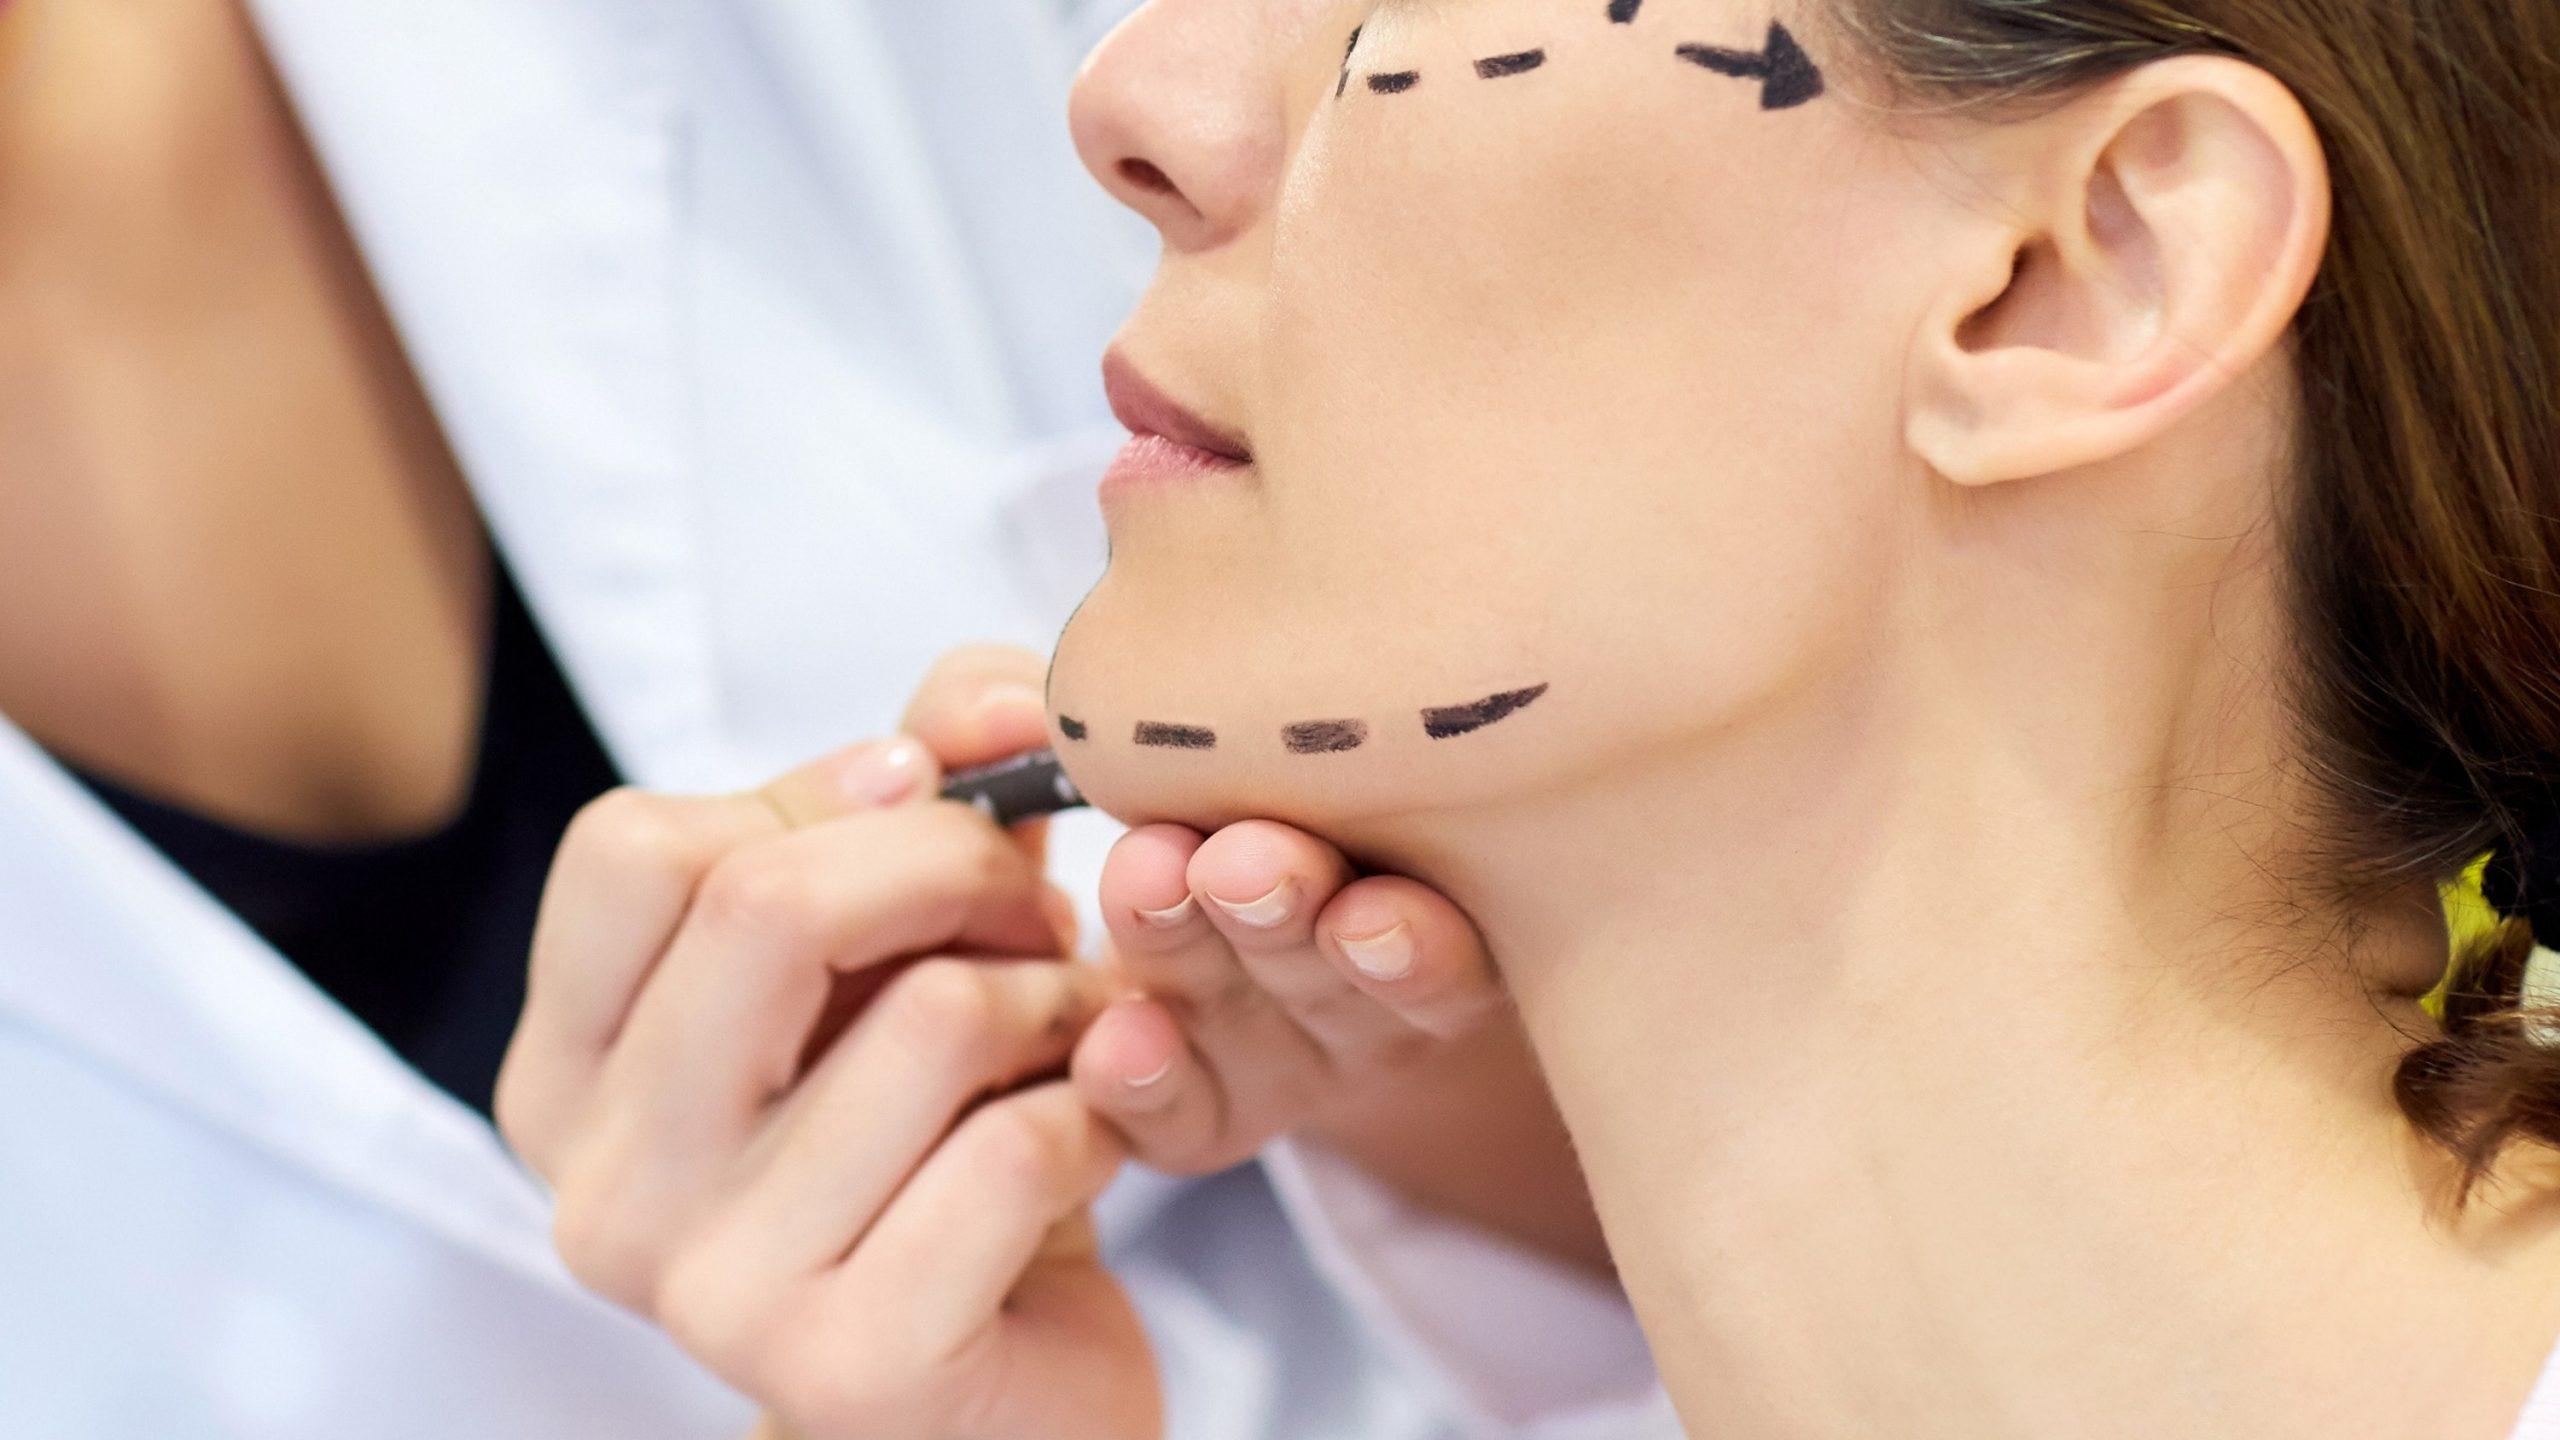 căng da mặt bằng chỉ collagen có nguy hiểm không